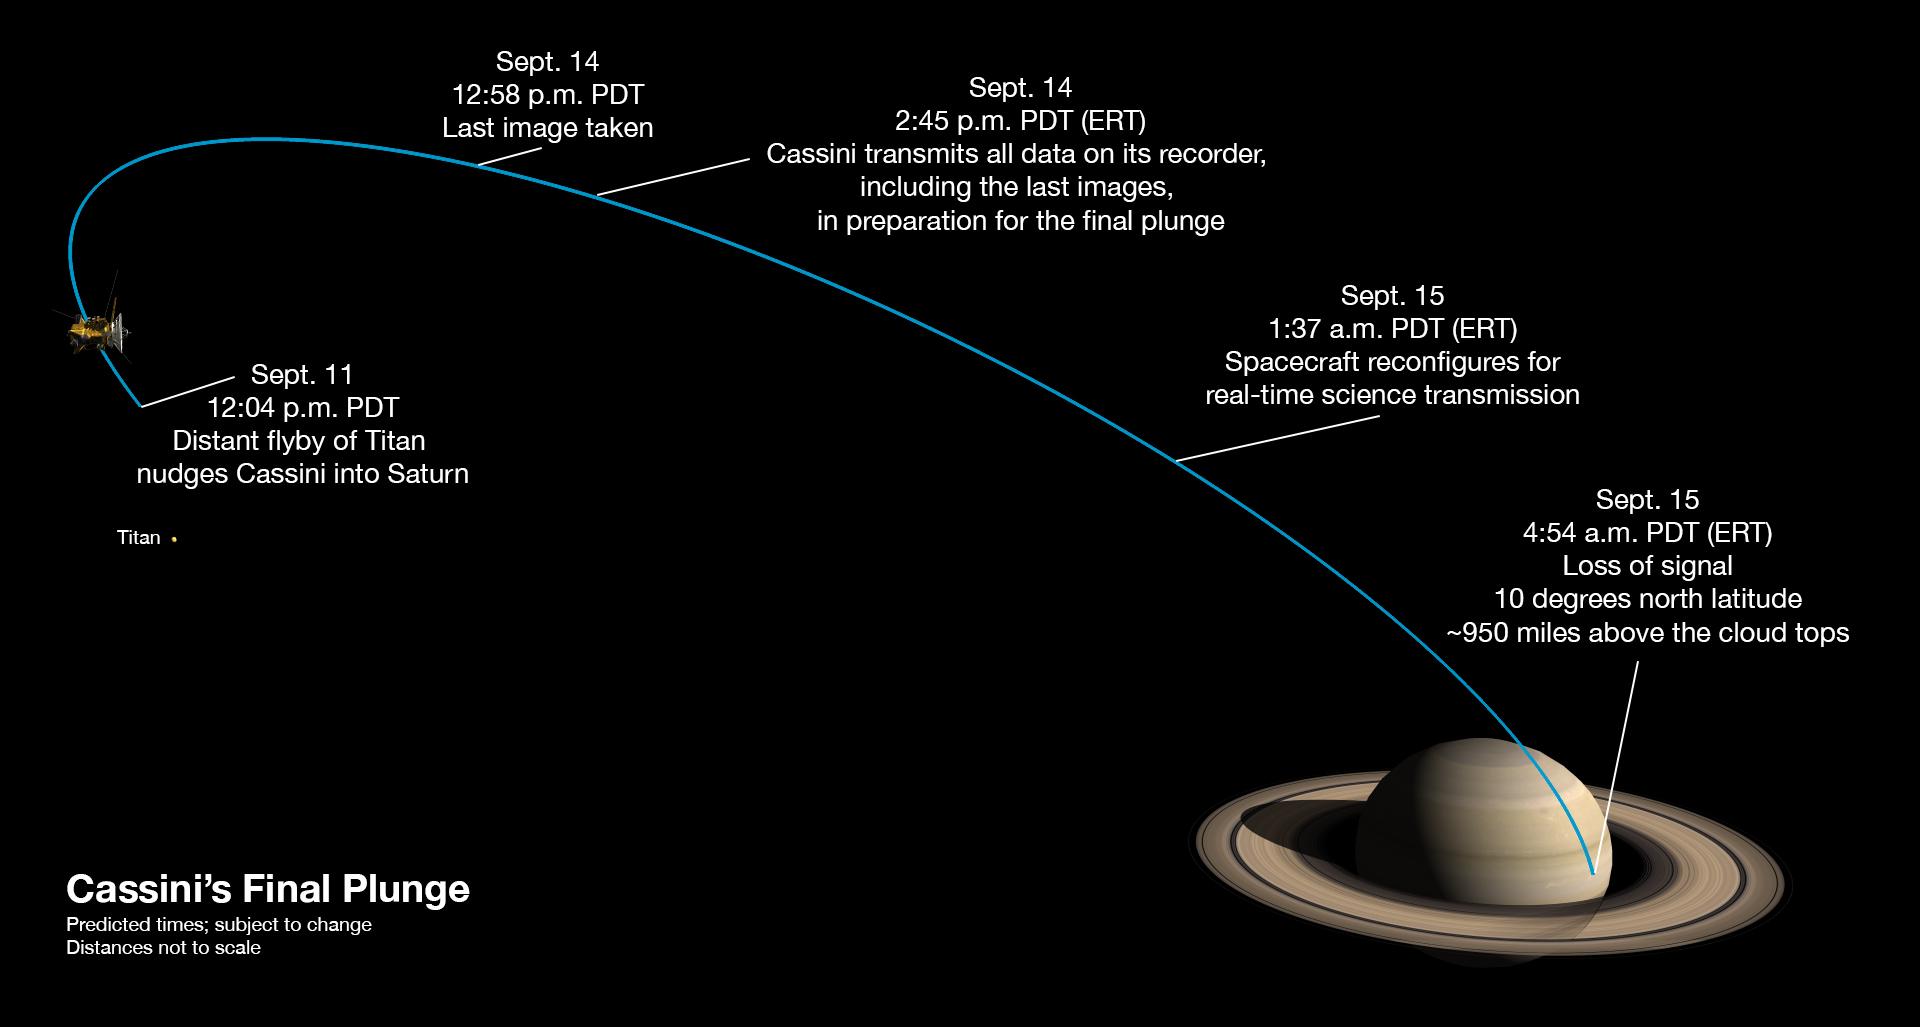 Posledný týzdeň sondy Cassini. Časy sú v PDT (pacifický letný čas). Ak chcete čas v LSEČ, prirátajte 9 hodín. Časy sú orientačné, môžu sa zmeniť podľa aktuálnej situácie.